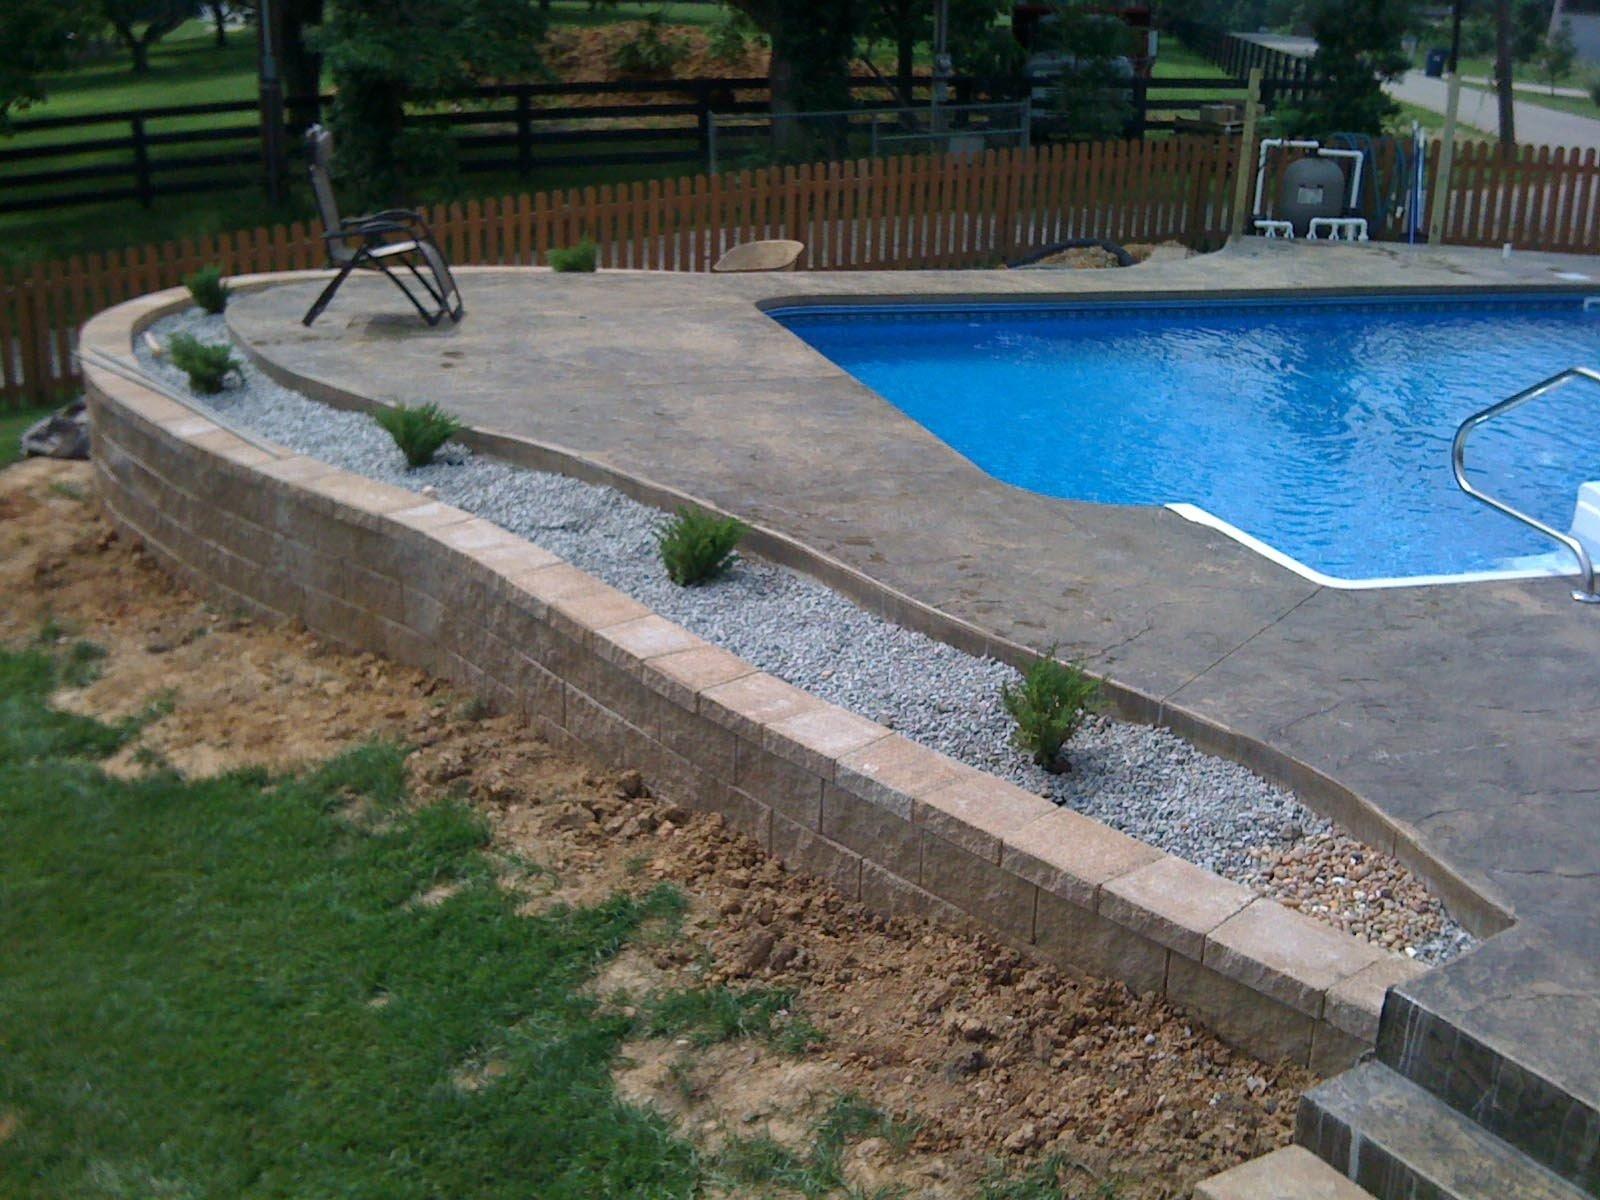 10 Unique In Ground Pool Deck Ideas weird inground pool deck ideas with backyard design www 2020